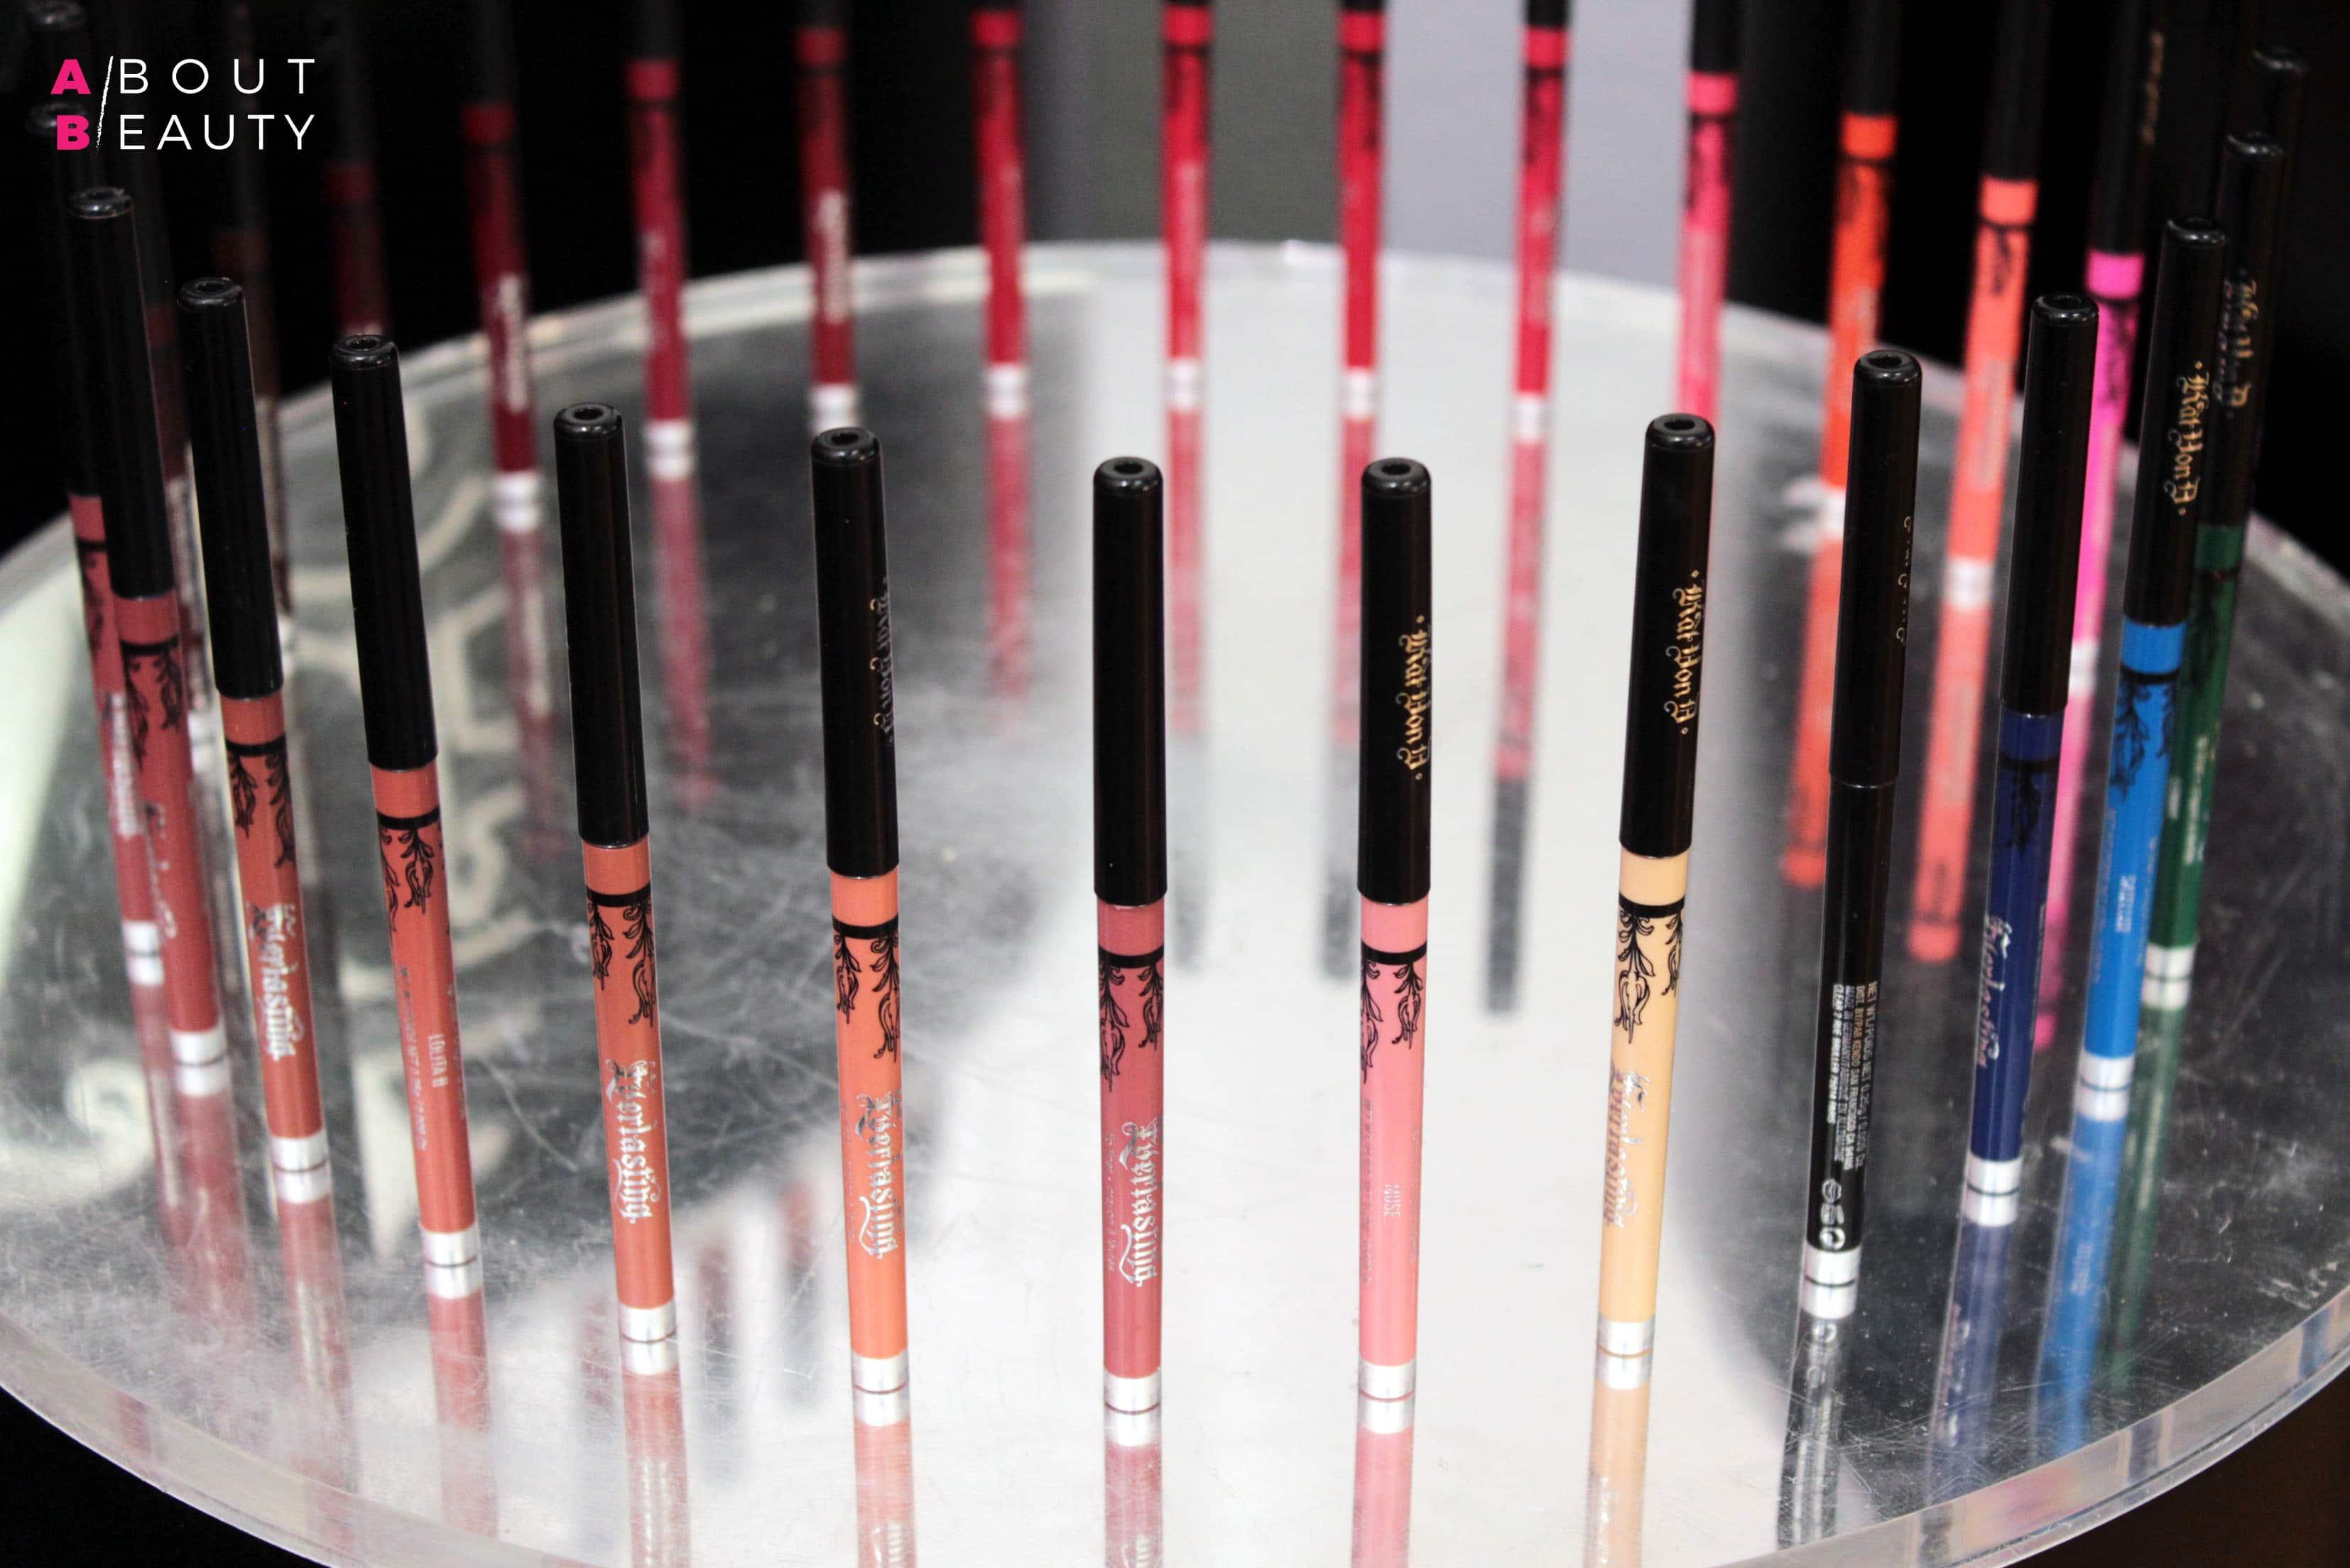 Arrivano le nuove tonalità di matite labbra Everlasting Lip Liner firmate Kat Von D per l'autunno-inverno 2017